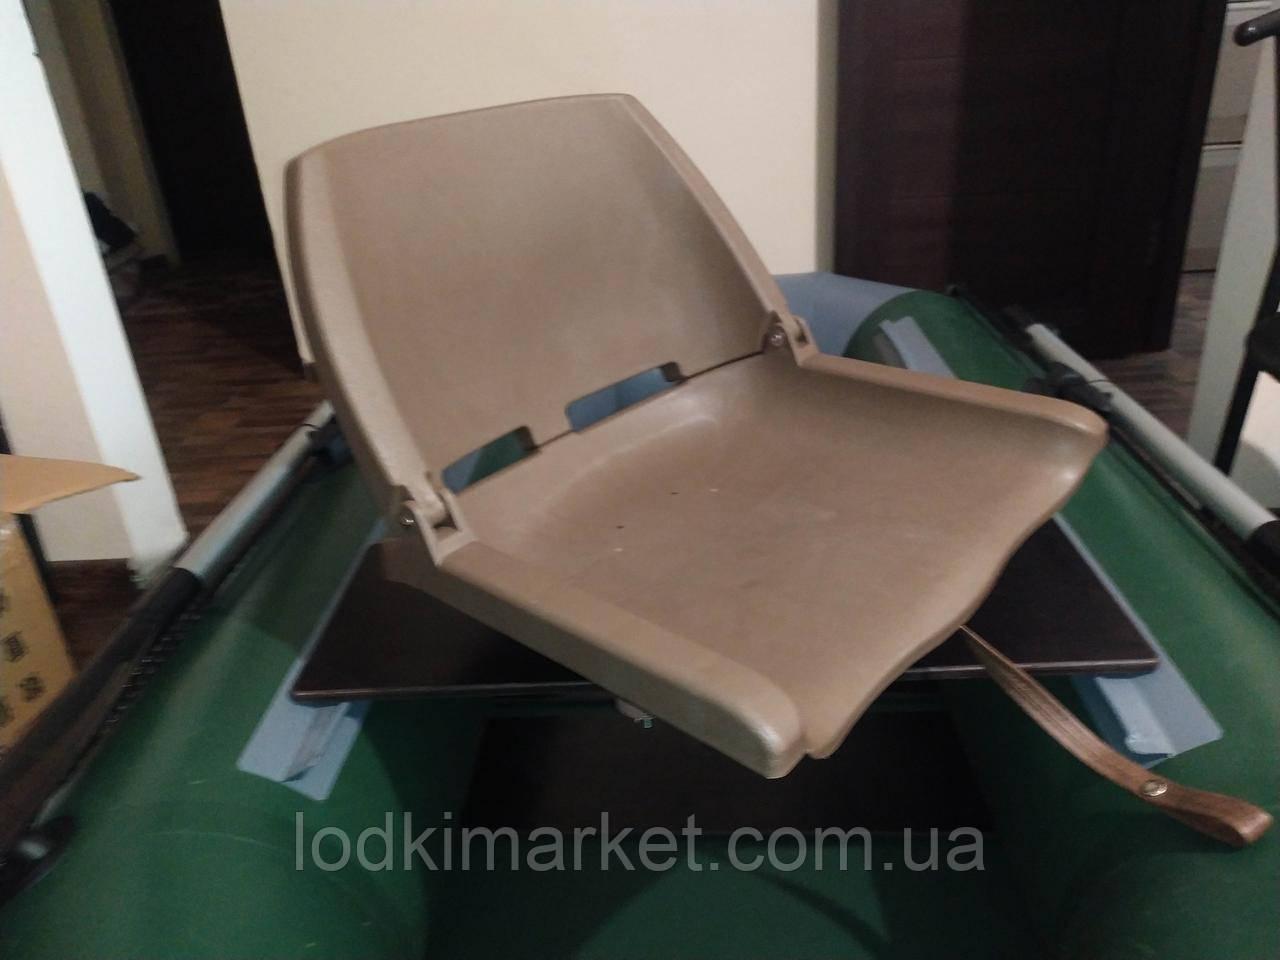 Пластикове крісло для човни ПВХ з поворотним механізмом